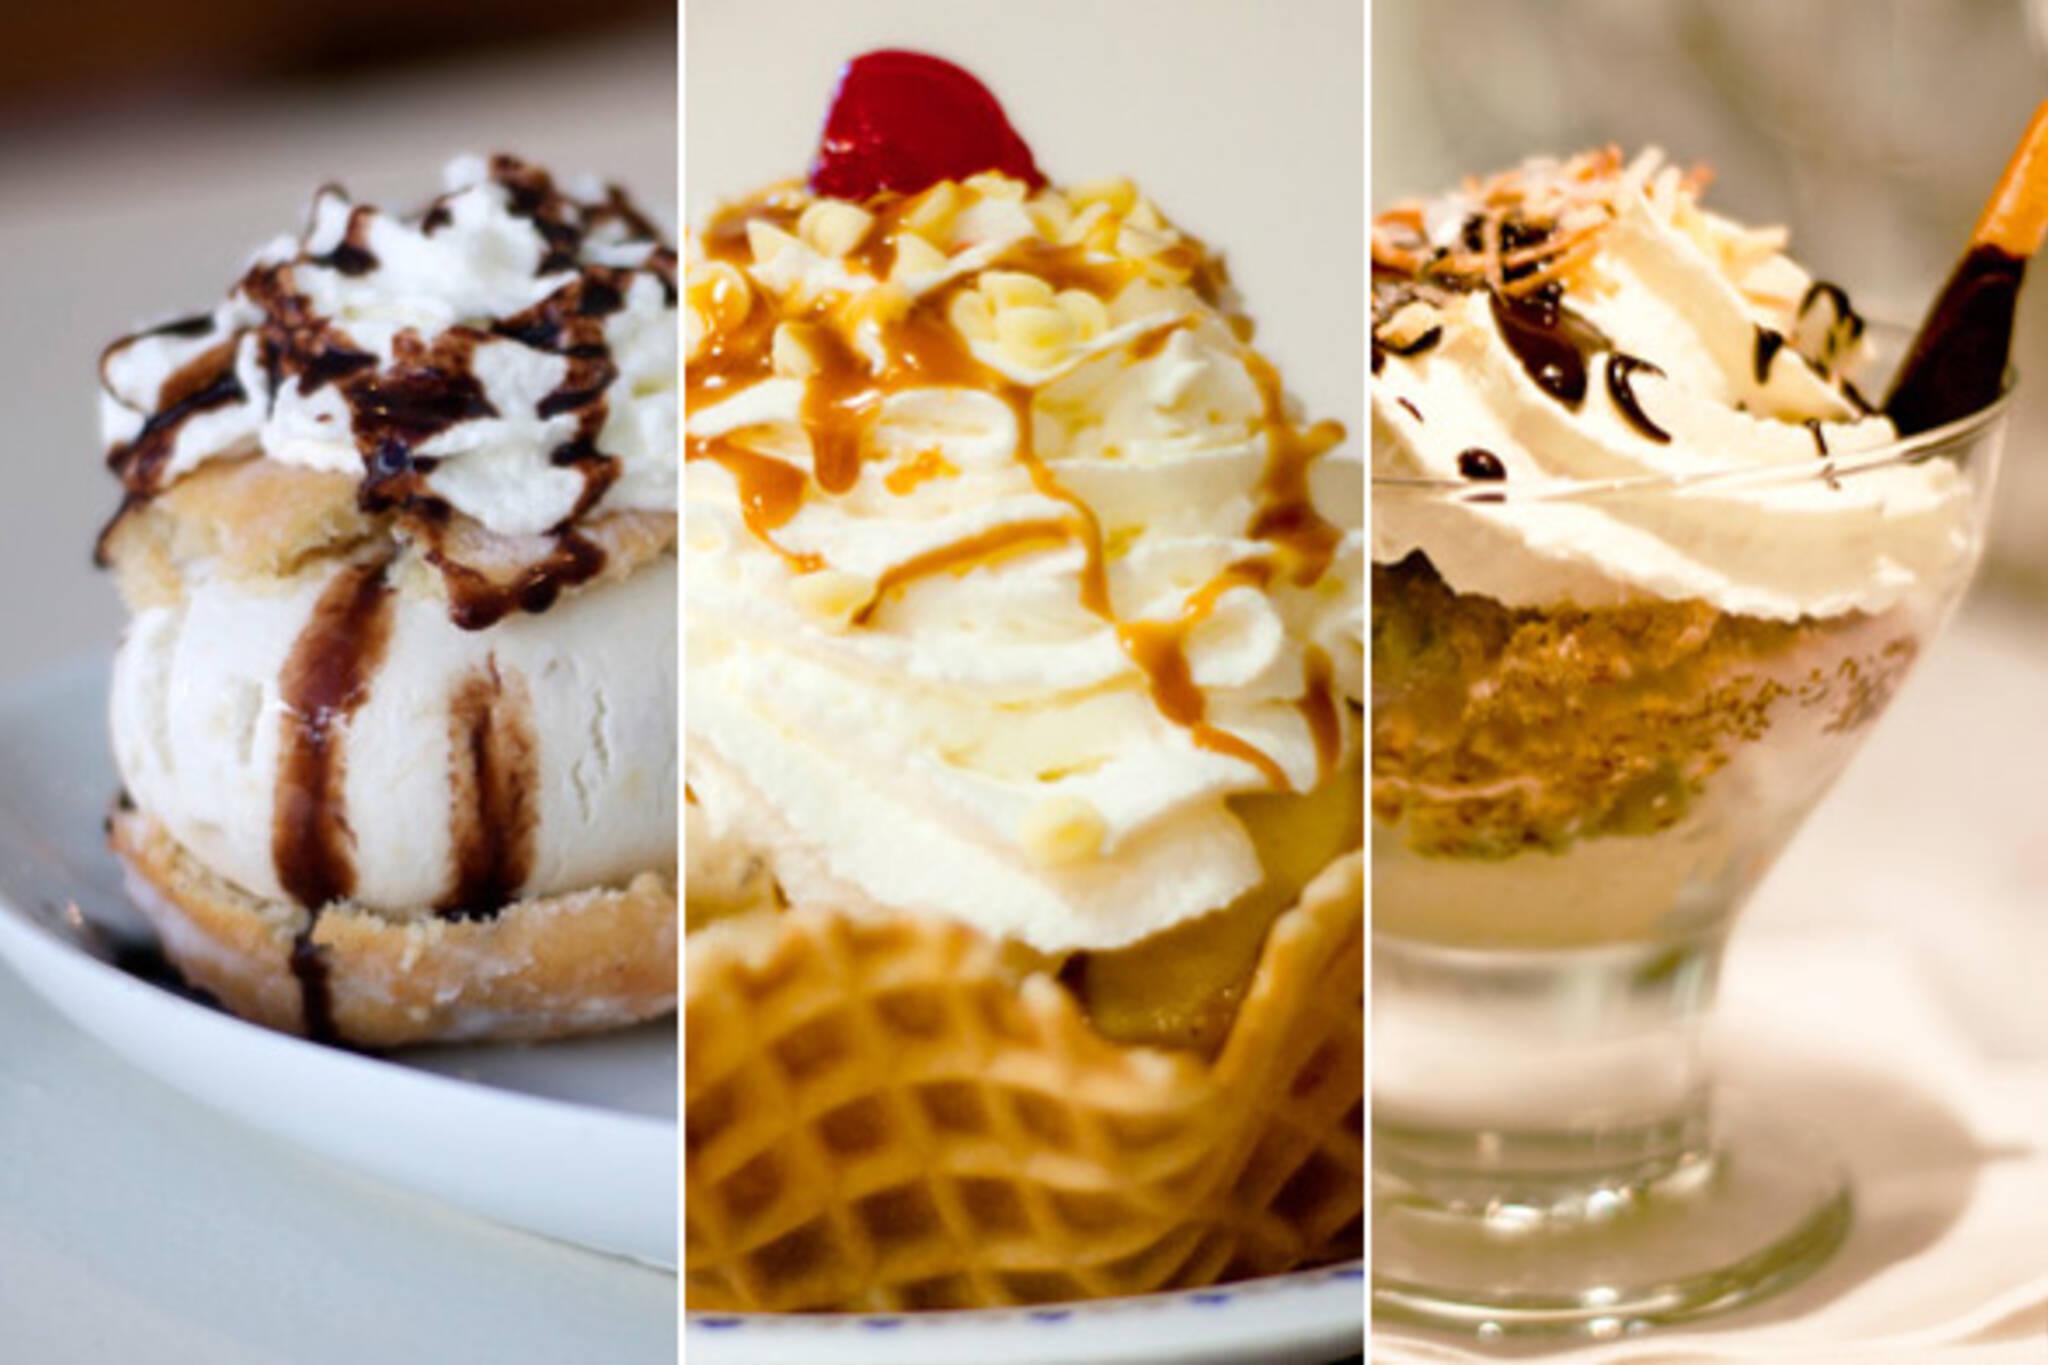 Toronto Ice Cream Challenge